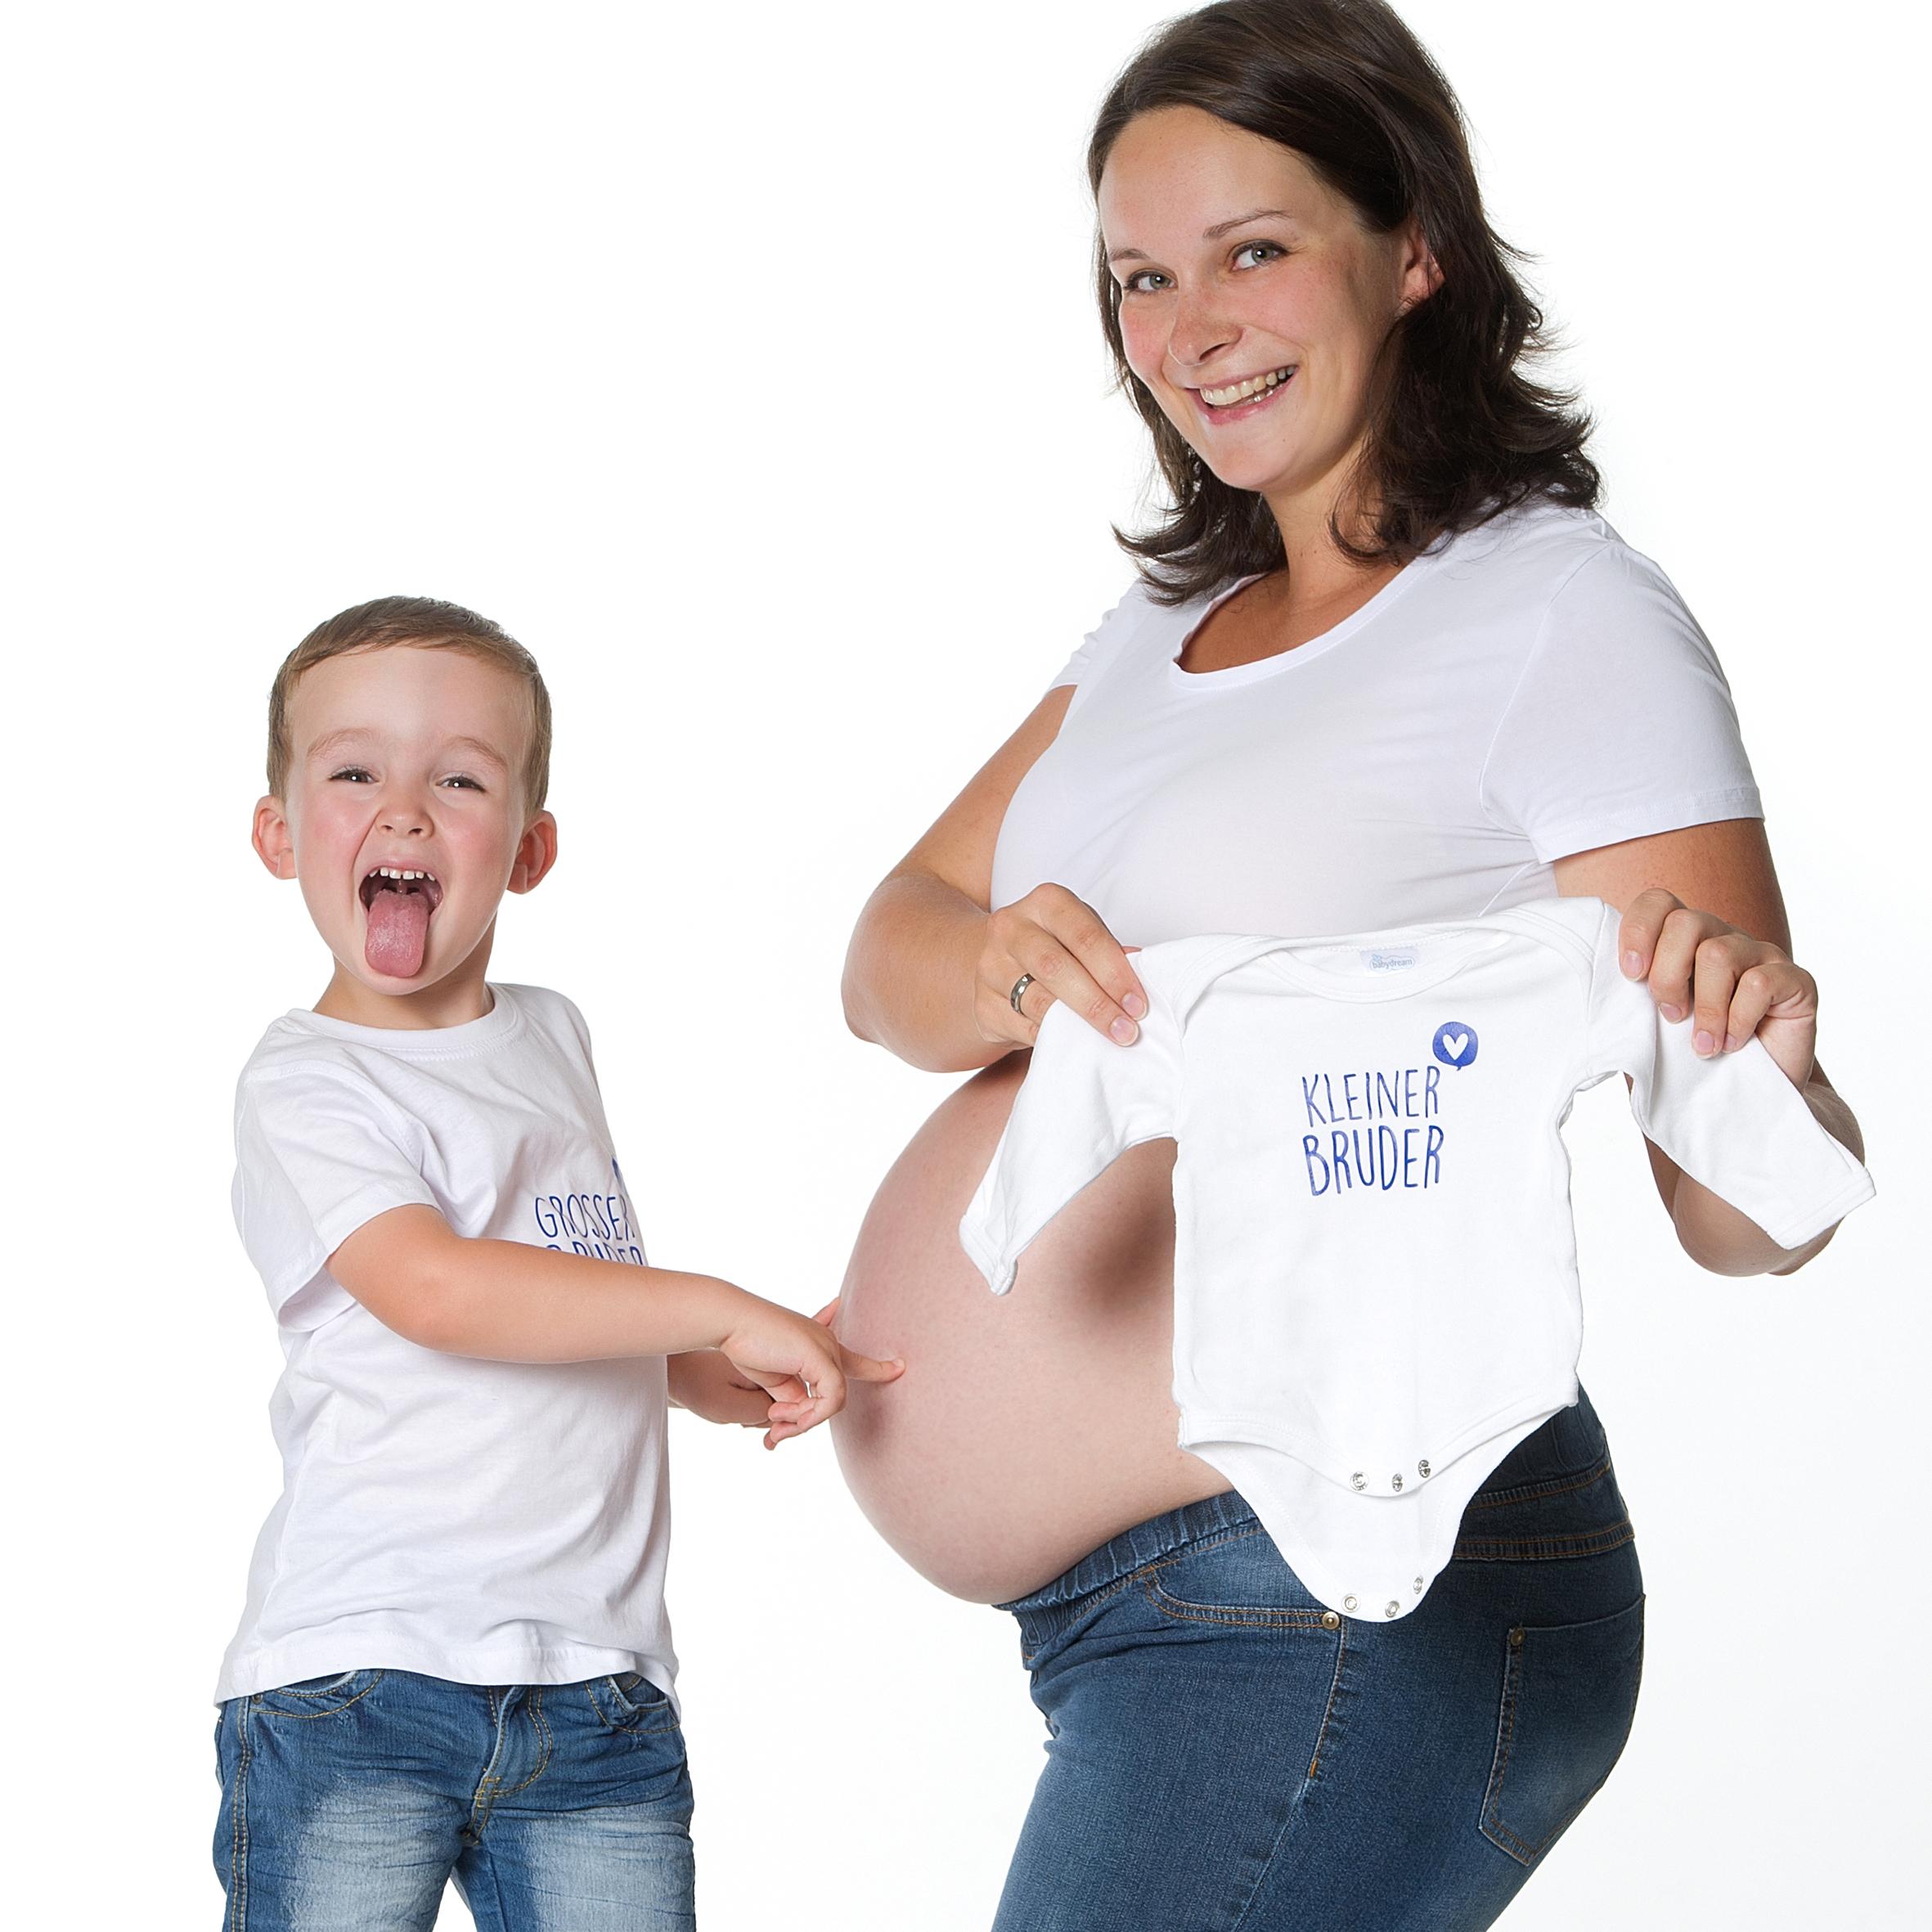 Babybauchfotografie, Babybauch, Babyfotografie, Newbornfotografie, Kinderfotografie, Familienfoto, Familie,  Portraitfotografie, Businessfotografie, Fotostudio, , Fotograf, Fotografin, Bewerbungsbilder, Familienfotografie, Industriefotografie, Veranstaltungsfotografie, Hochzeitsfotografie, Kinderfotografie, Fotograf, Fotografie, Foto, Jena, Thueringen,